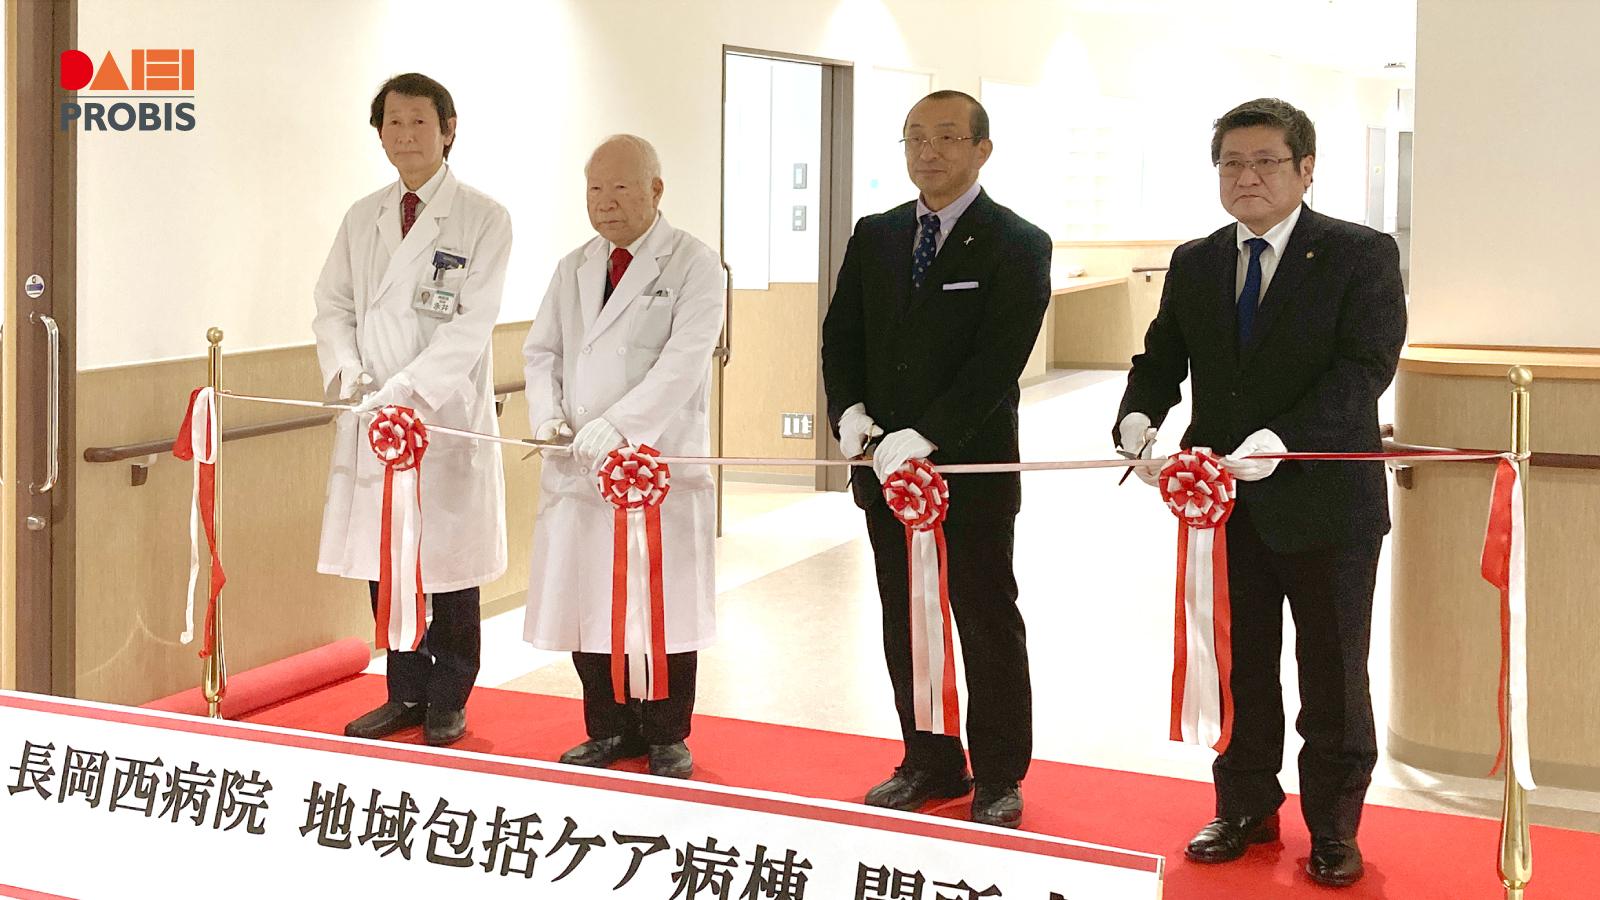 長岡西病院 地域包括ケア病棟竣工のお知らせ